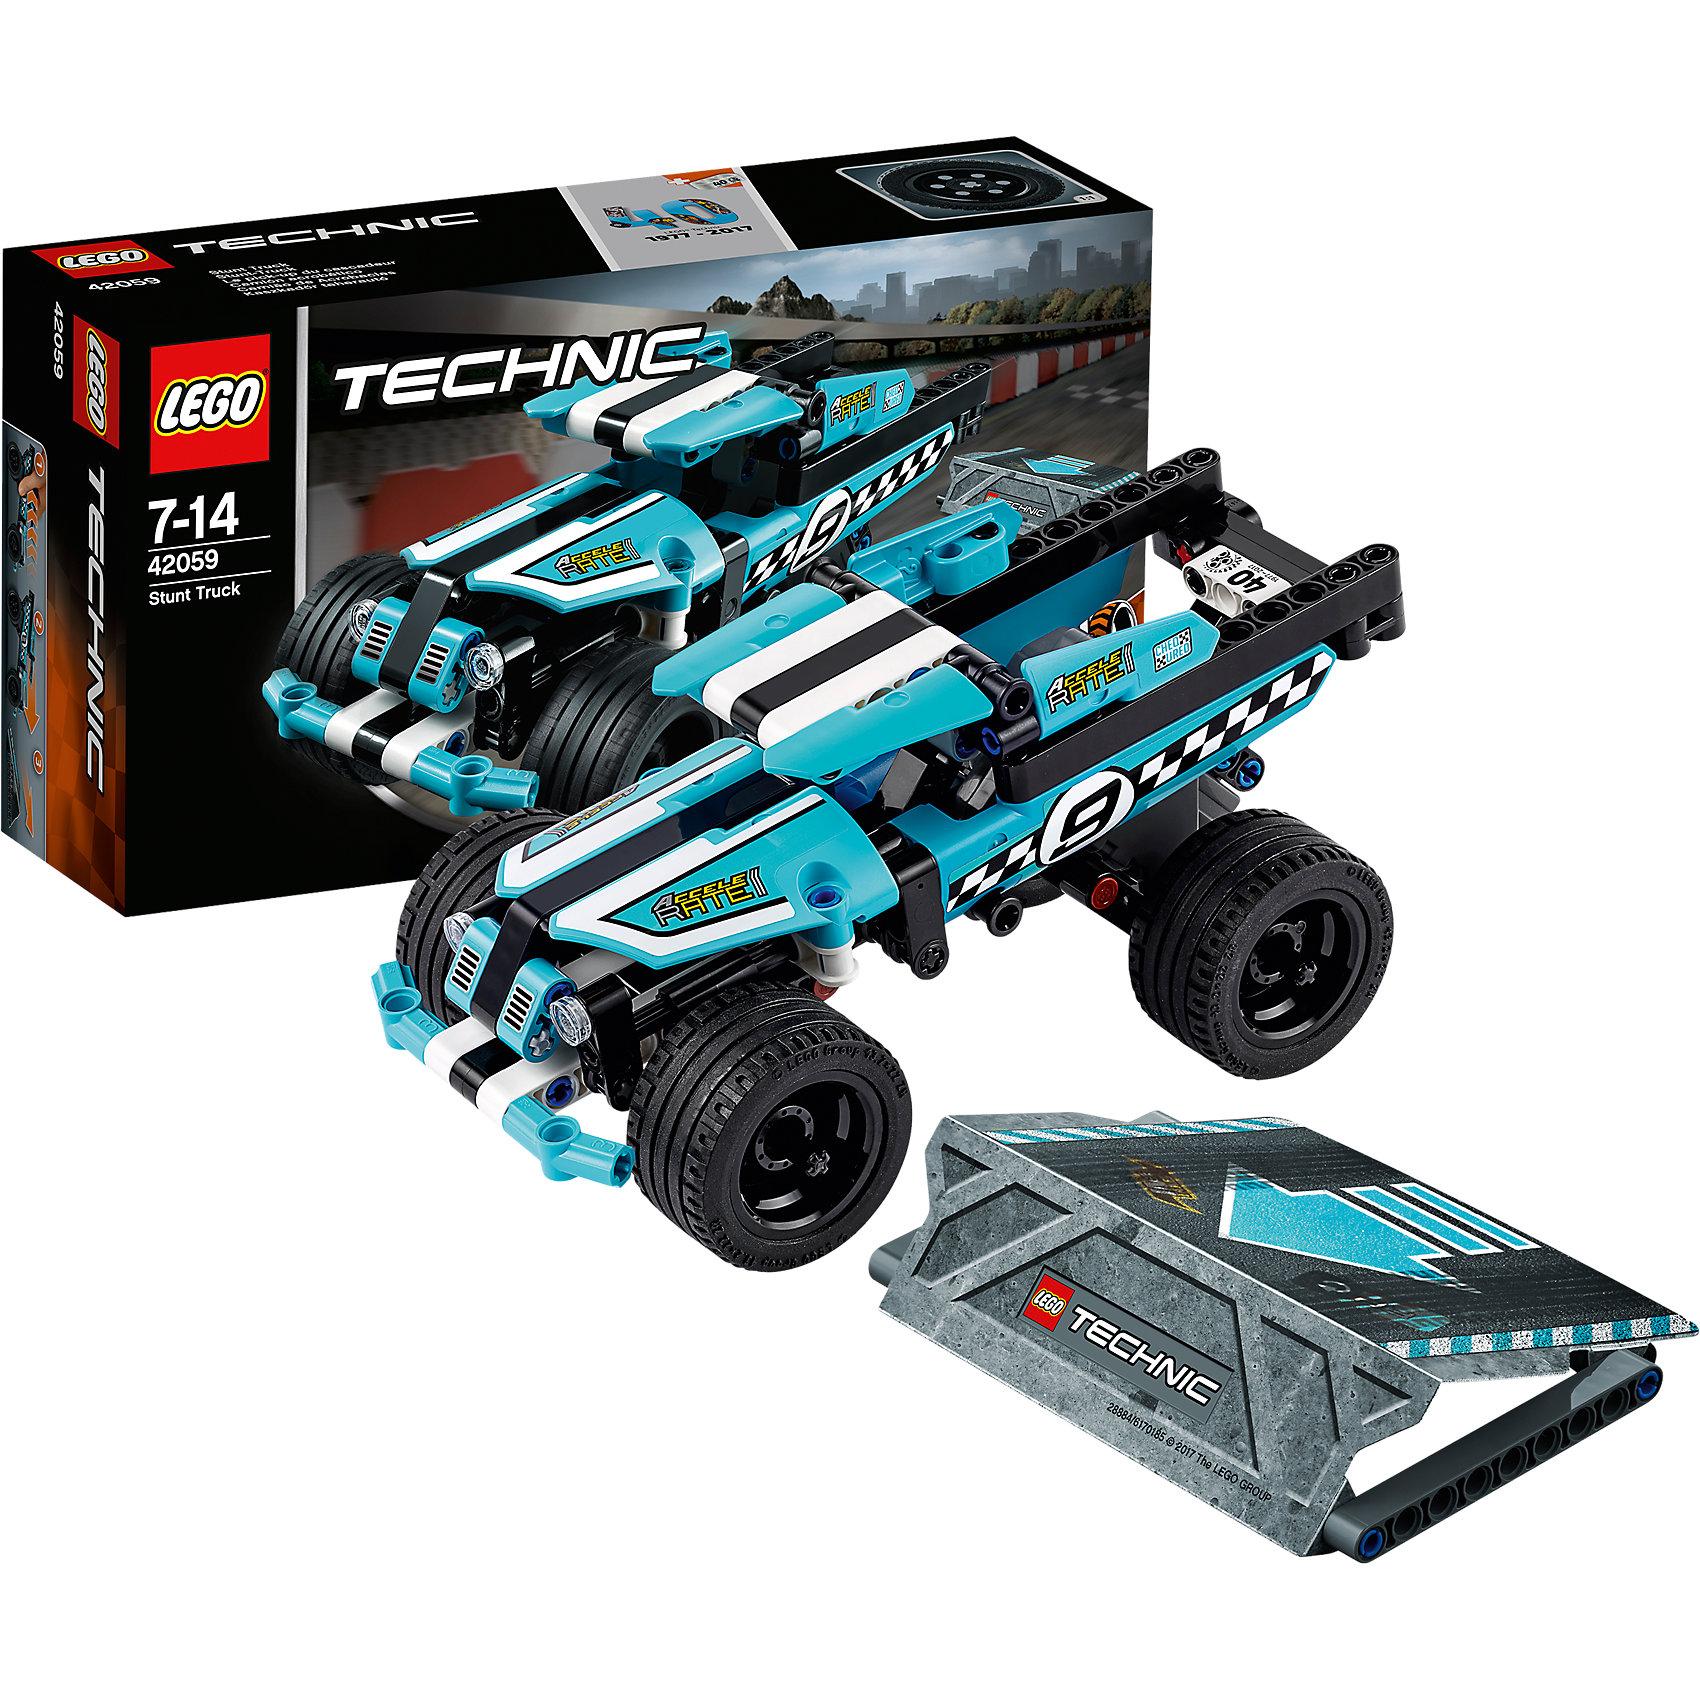 LEGO Technic 42059: Трюковой грузовикПластмассовые конструкторы<br>LEGO Technic 42059: Трюковой грузовик<br><br>Характеристики:<br><br>- в набор входит: детали грузовика и рампы, наклейки, инструкция по сборке<br>- состав: пластик<br>- количество деталей: 142<br>- приблизительное время сборки: 25 мин.<br>- размер грузовика: 18 * 9 * 8 см.<br>- размер рампы: 9 * 12 * 2 см.<br>- для детей в возрасте: от 7 до 14 лет<br>- Страна производитель: Дания/Китай/Чехия<br><br>Легендарный конструктор LEGO (ЛЕГО) представляет серию «Technic», которая бросает вызов уже опытным строителям ЛЕГО. Ваш ребенок может строить продвинутые модели с реальными функциями, такими как коробки передач и системы рулевого управления. В набор включена уникальная деталь, посвященная сорокалетию серии. <br><br>Наслаждайтесь строительством нового трюкового грузовика с заводным механизмом, позволяющим ему разгоняться за счет завода и спрыгивать с рампы из набора. Высокая подвеска больших колес грузовика впечатляет, а меленькие декоративные детали делают сам грузовик еще более реалистичным. Сборная рампа оснащена небольшими прорезиненными детали, благодаря чему она не сдвигается при исполнении трюков. Набор комбинируется с LEGO Technic 42058: Мотоцикл для трюков. <br><br>Играя с конструктором ребенок развивает моторику рук, воображение и логическое мышление, научится собирать по инструкции и создавать свои модели. Принимайте новые вызовы по сборке моделей и придумывайте новые истории с набором LEGO «Technic»!<br><br>Конструктор LEGO Technic 42059: Трюковой грузовик можно купить в нашем интернет-магазине.<br><br>Ширина мм: 263<br>Глубина мм: 142<br>Высота мм: 73<br>Вес г: 304<br>Возраст от месяцев: 84<br>Возраст до месяцев: 168<br>Пол: Мужской<br>Возраст: Детский<br>SKU: 5002415